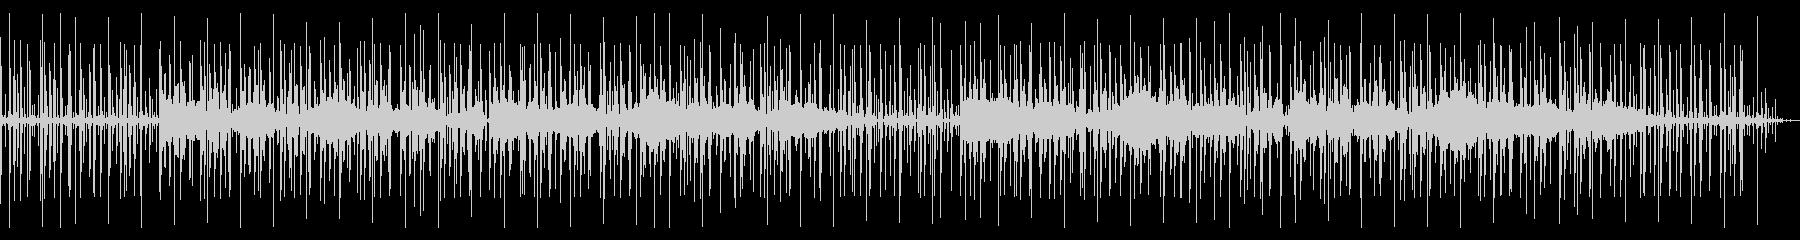 心の落ち着くシンセのチル・ヒップホップの未再生の波形